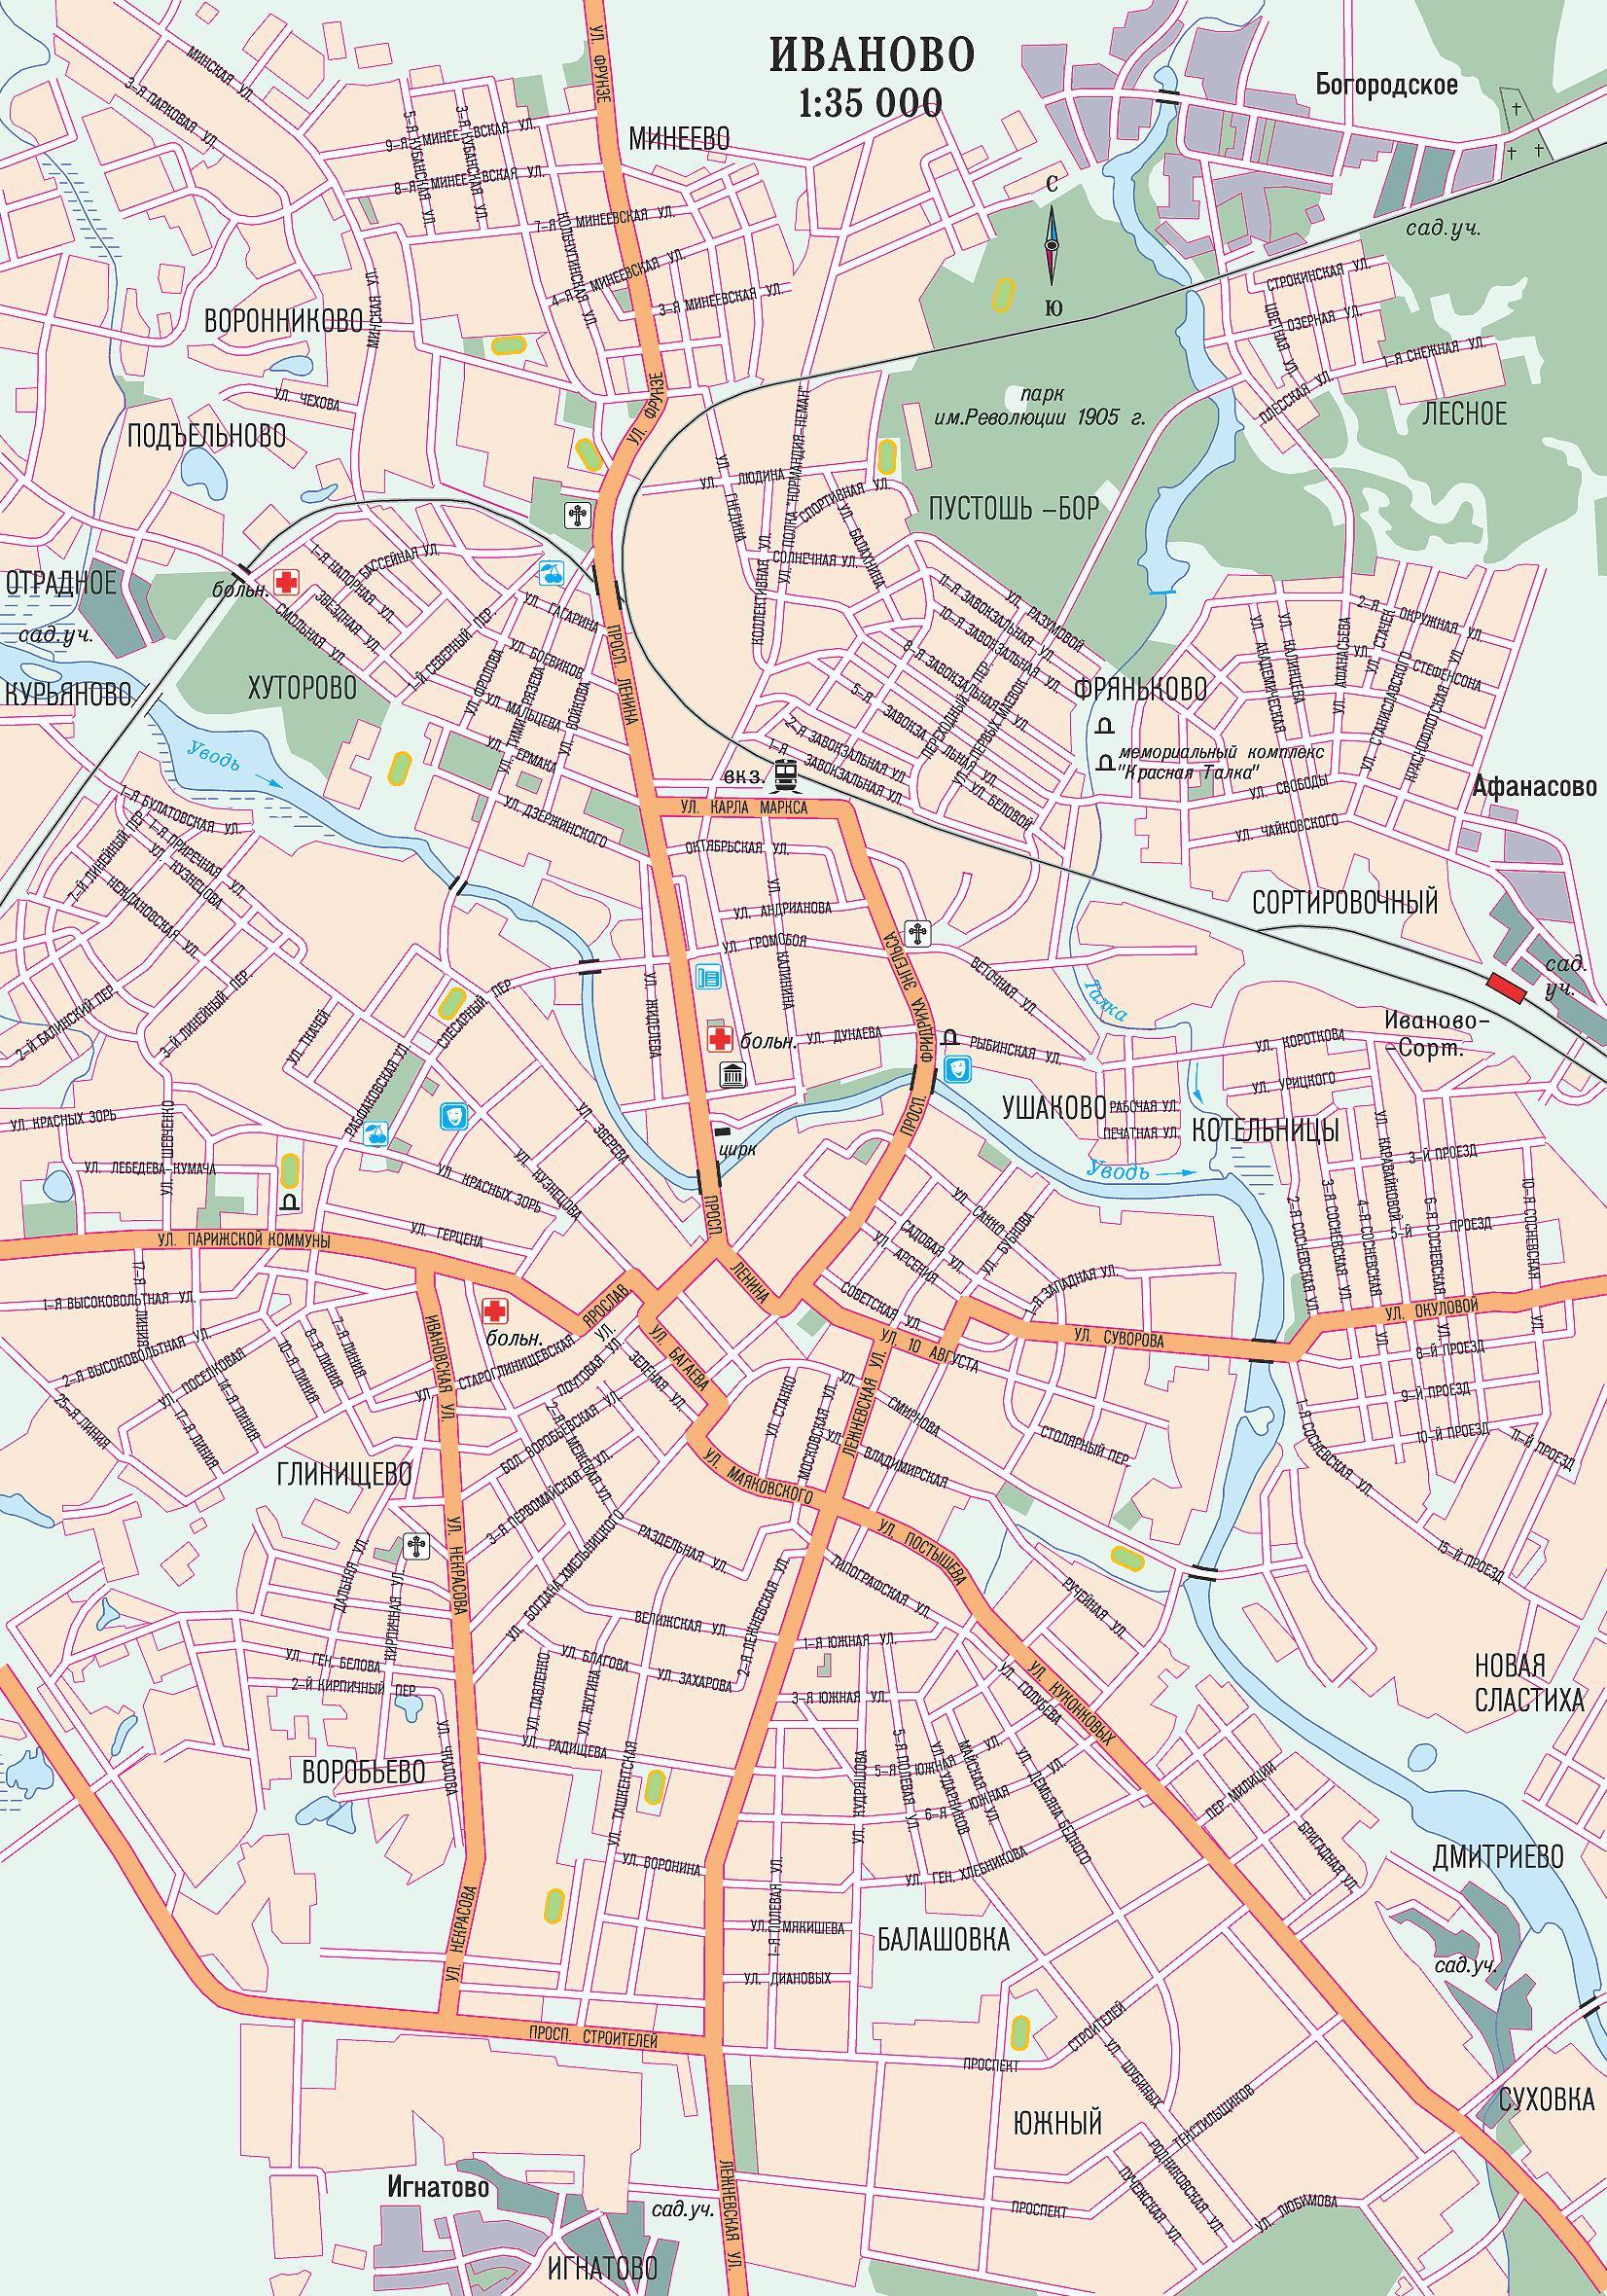 Карта Иваново Map of Ivanovo.